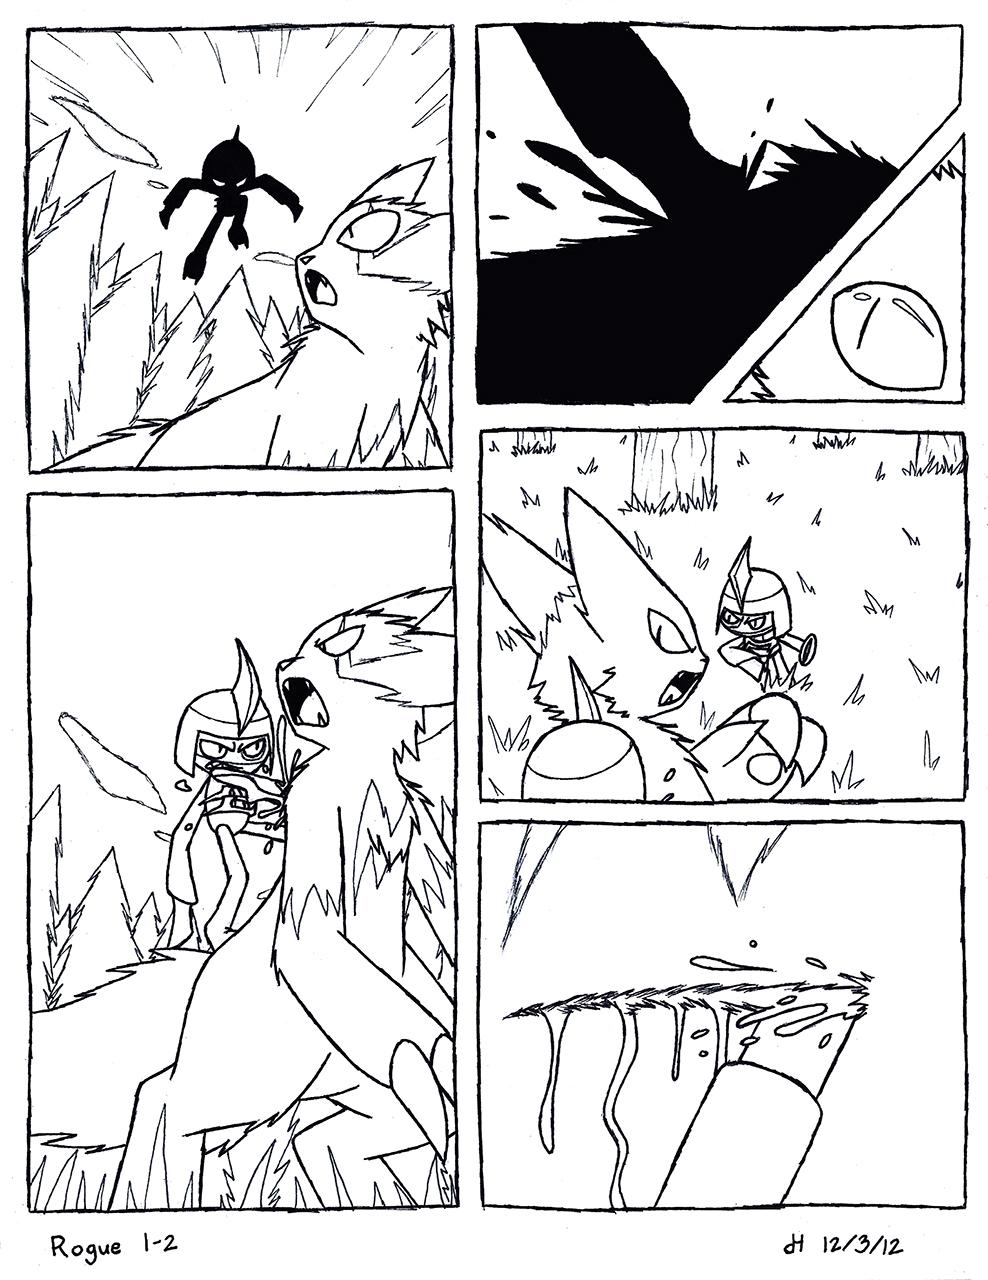 Rogue 1-2 Sketch